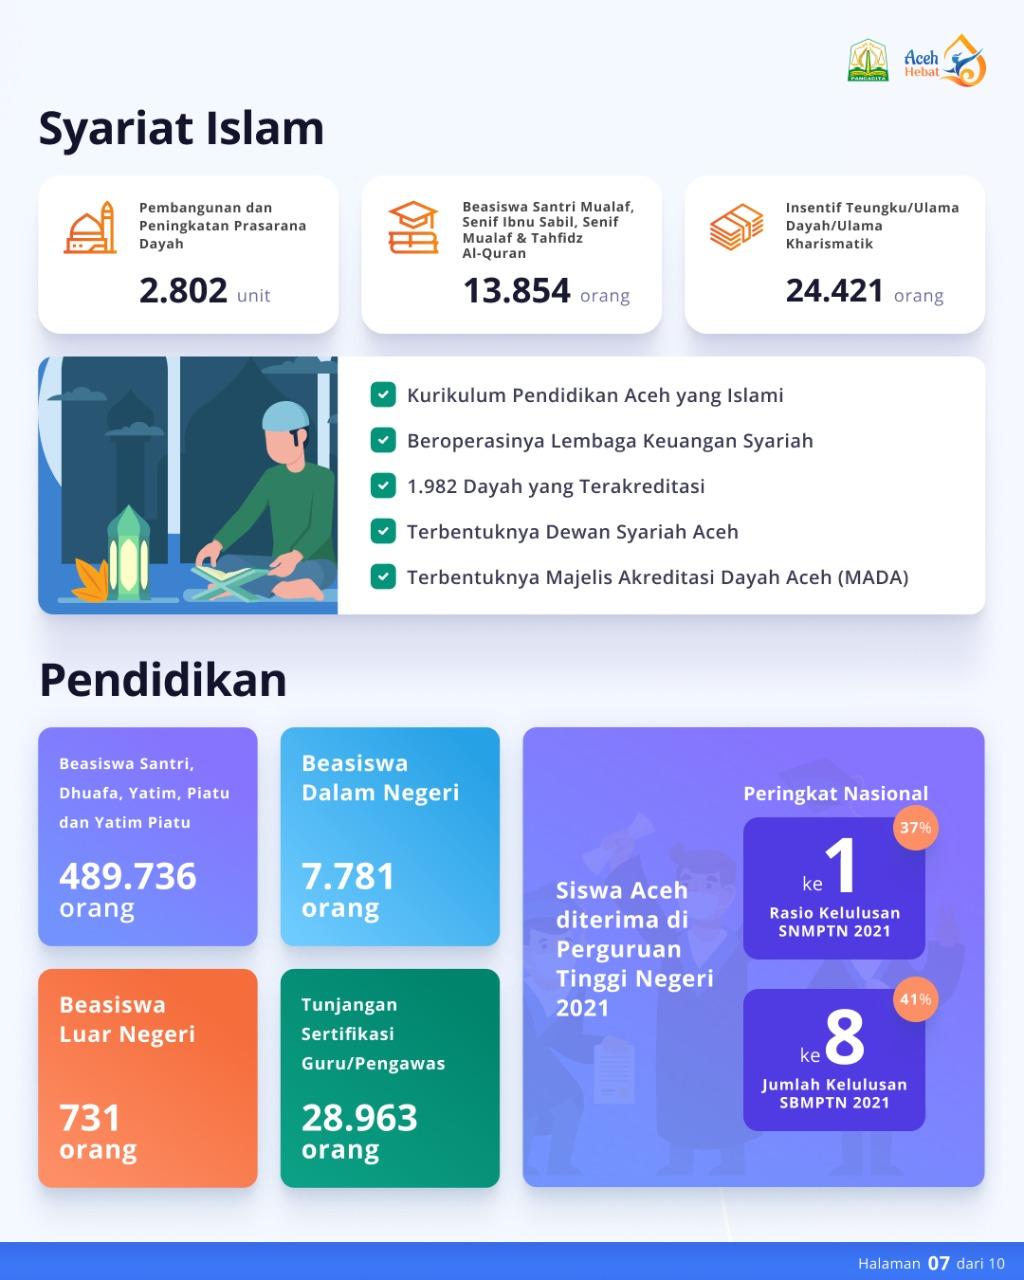 Aceh Hebat : Syariat Islam